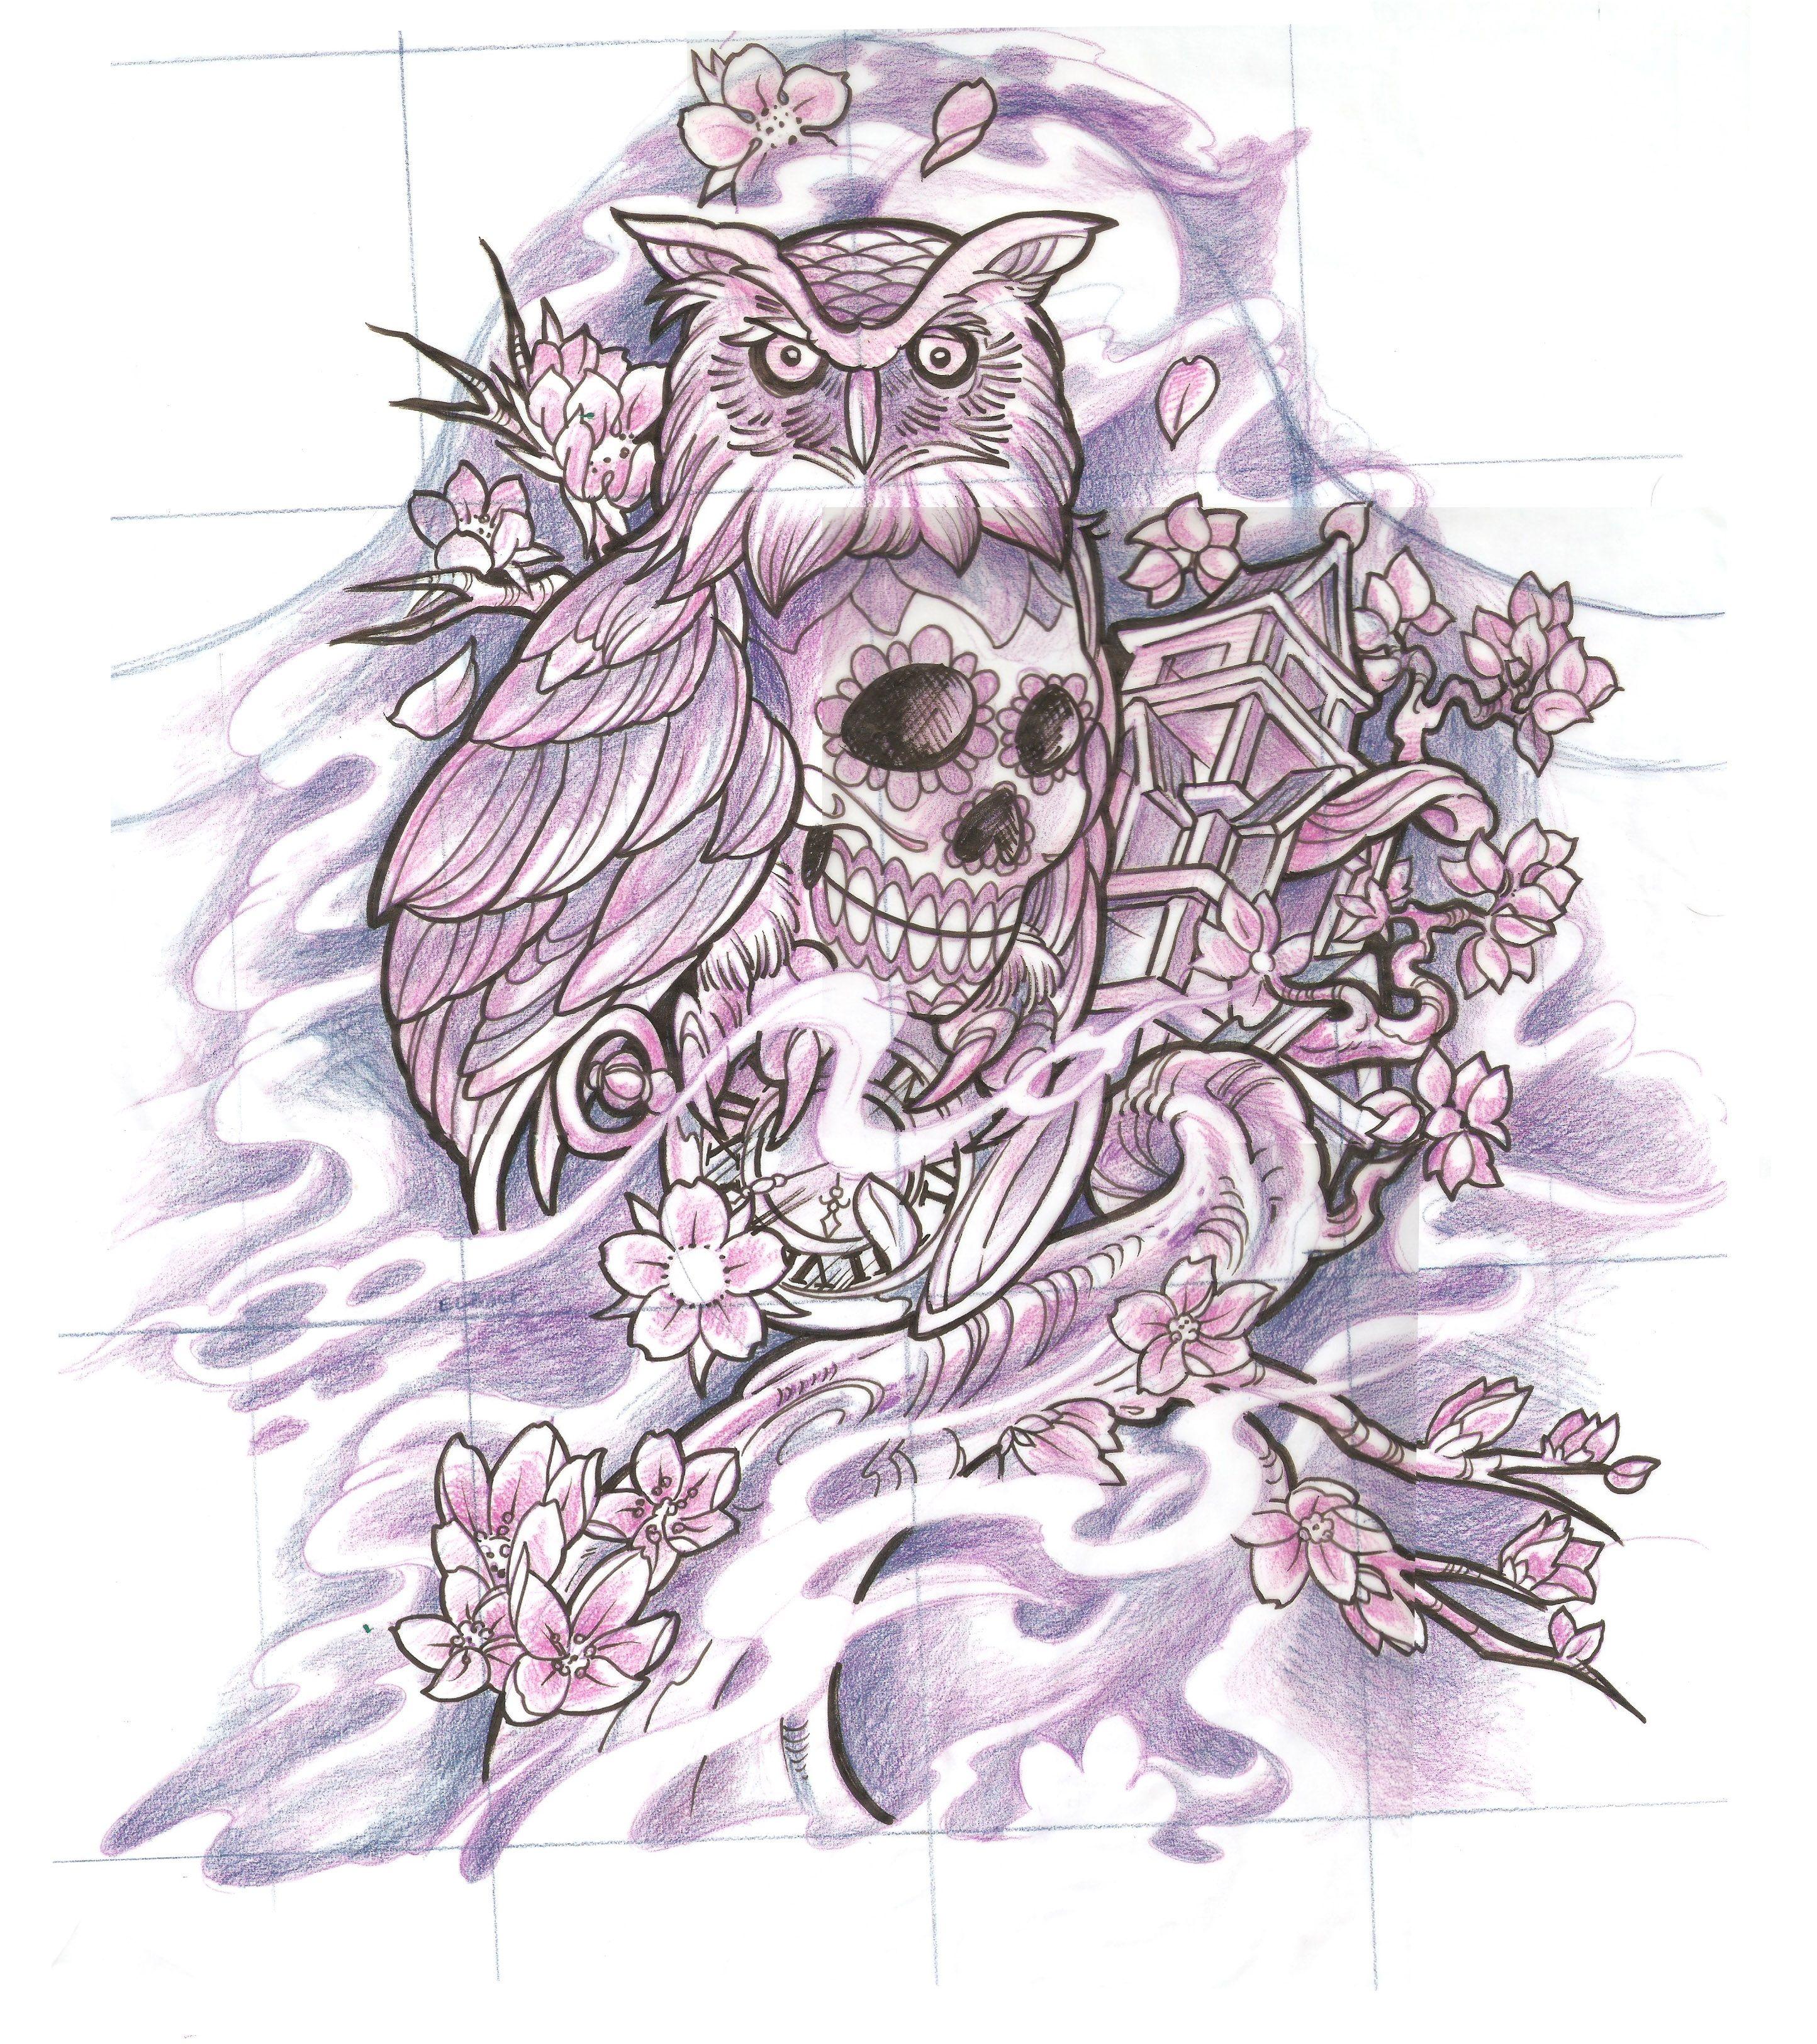 sugar skull owl sketch | Tattoos | Pinterest | Sugar skull ... - photo#31